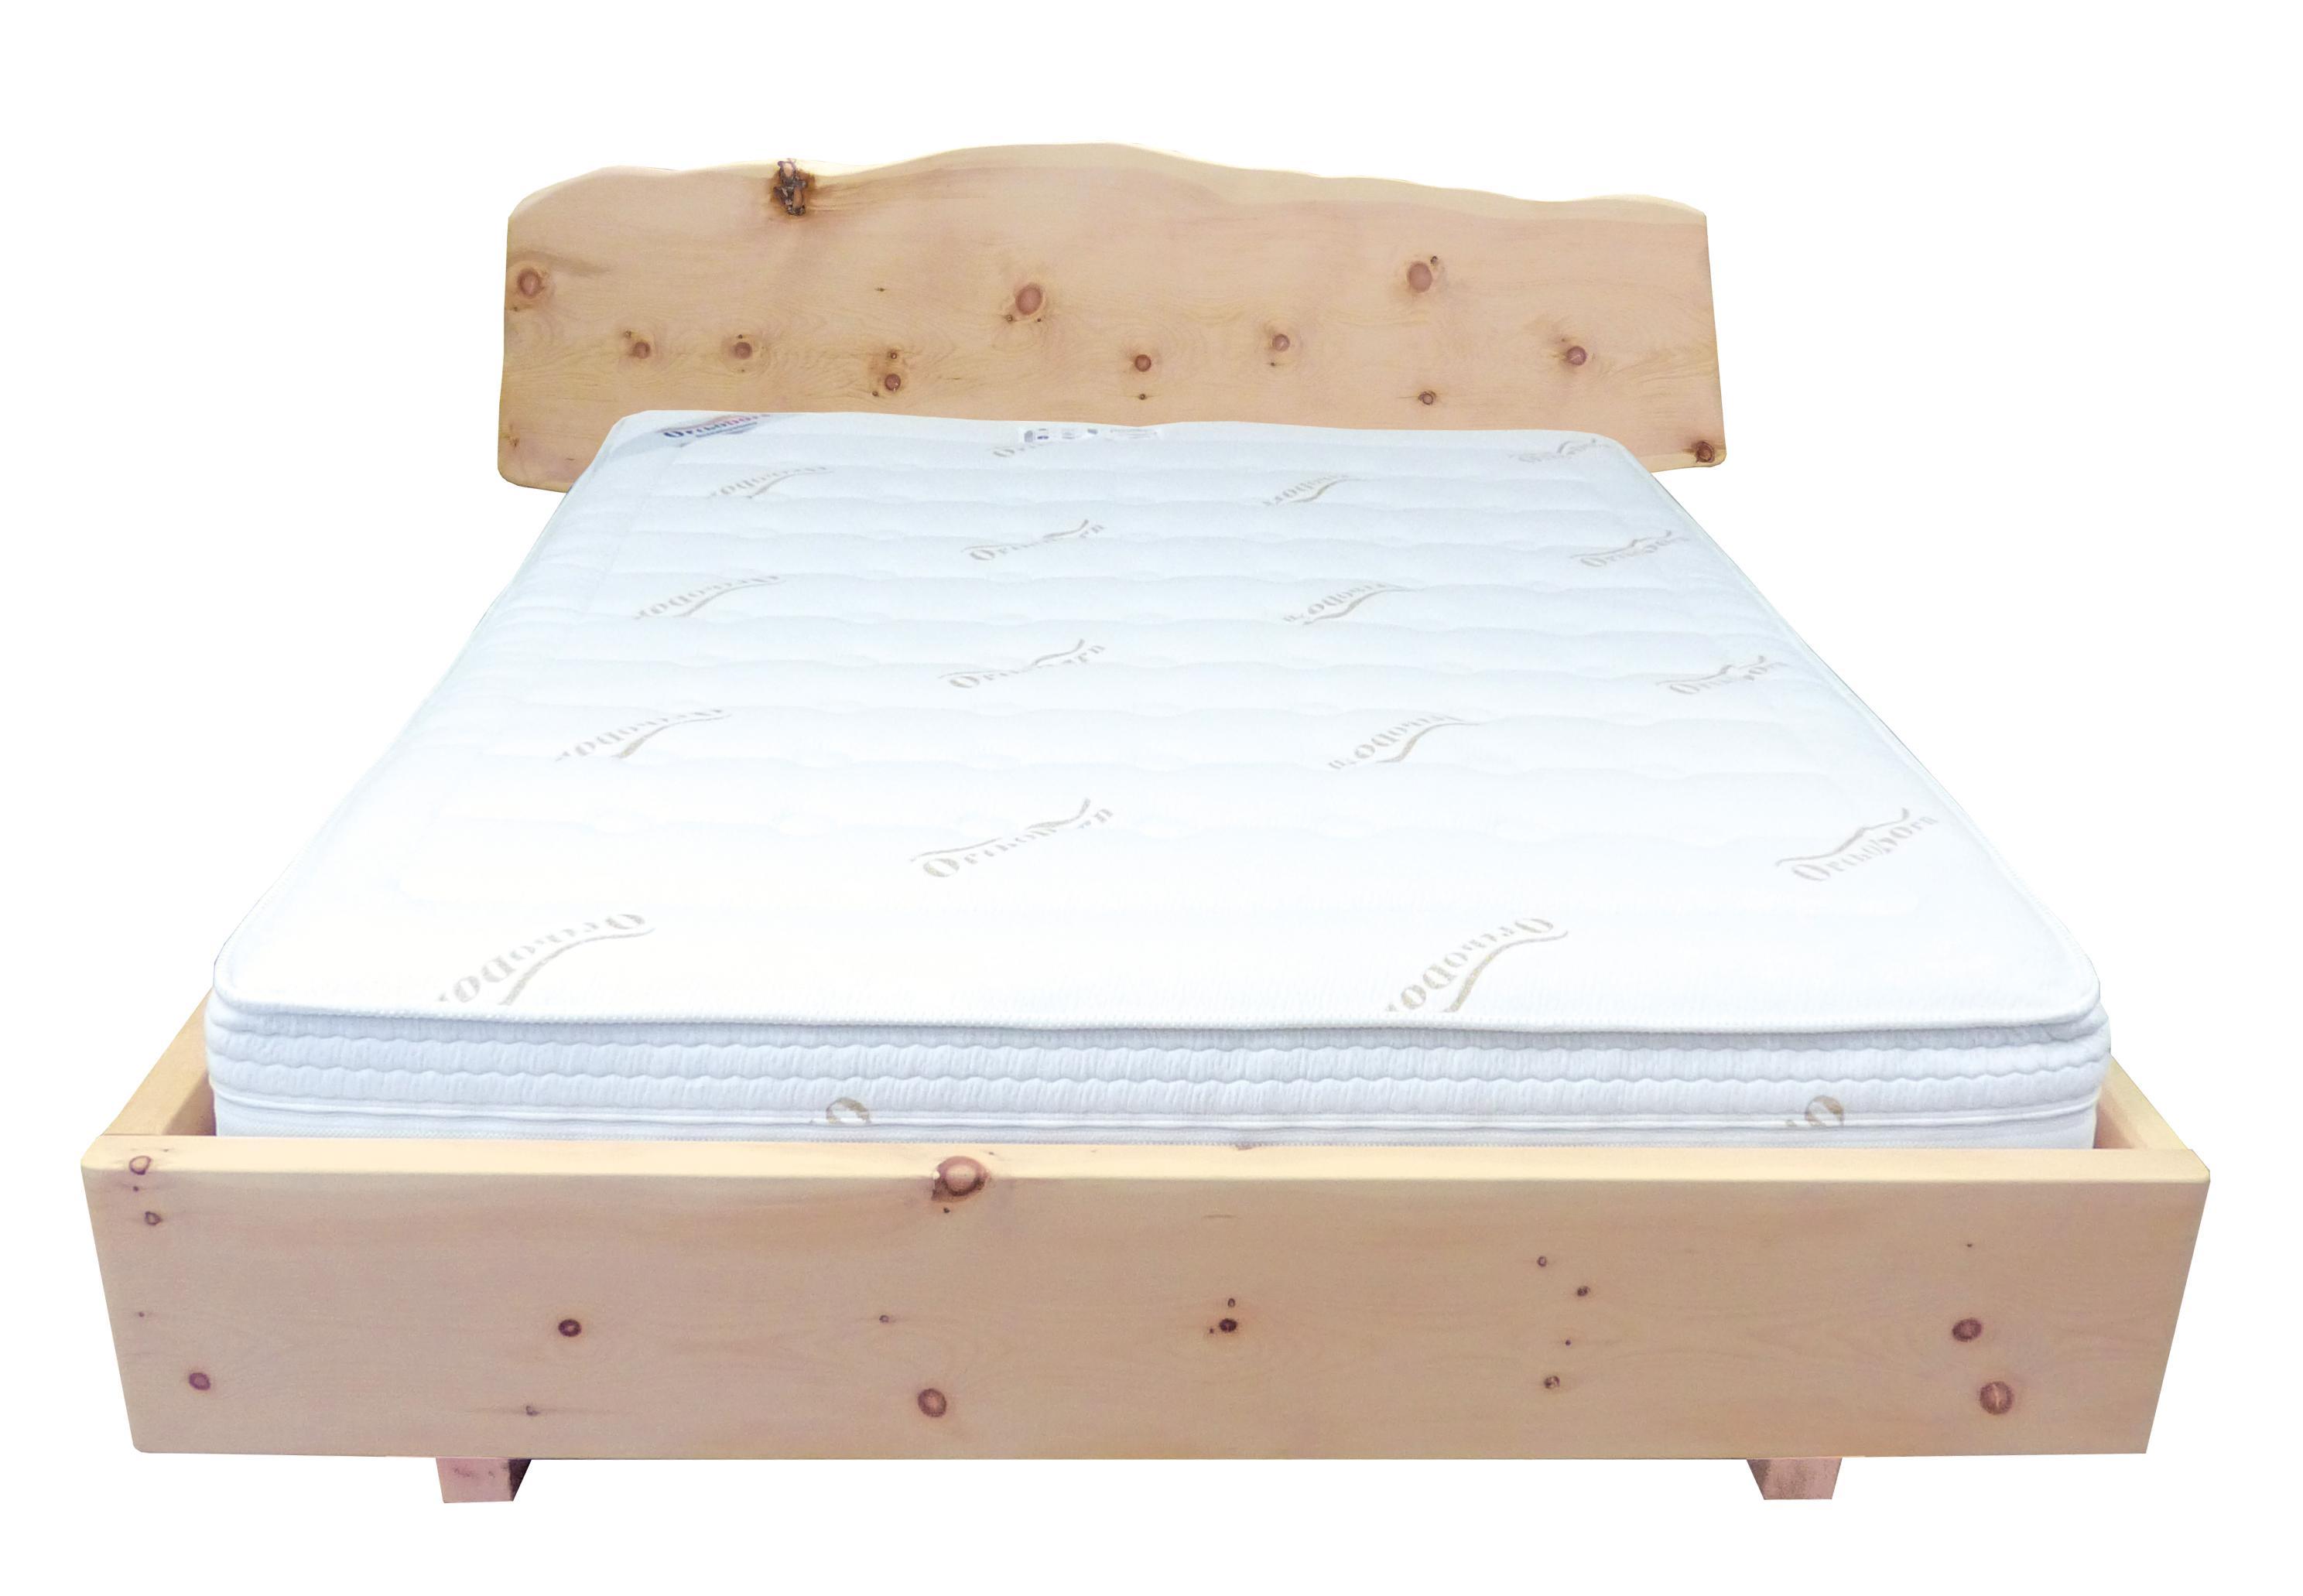 Breuss Dorn Shopde Orthodorn Bett Modell Zirbe Schwebe